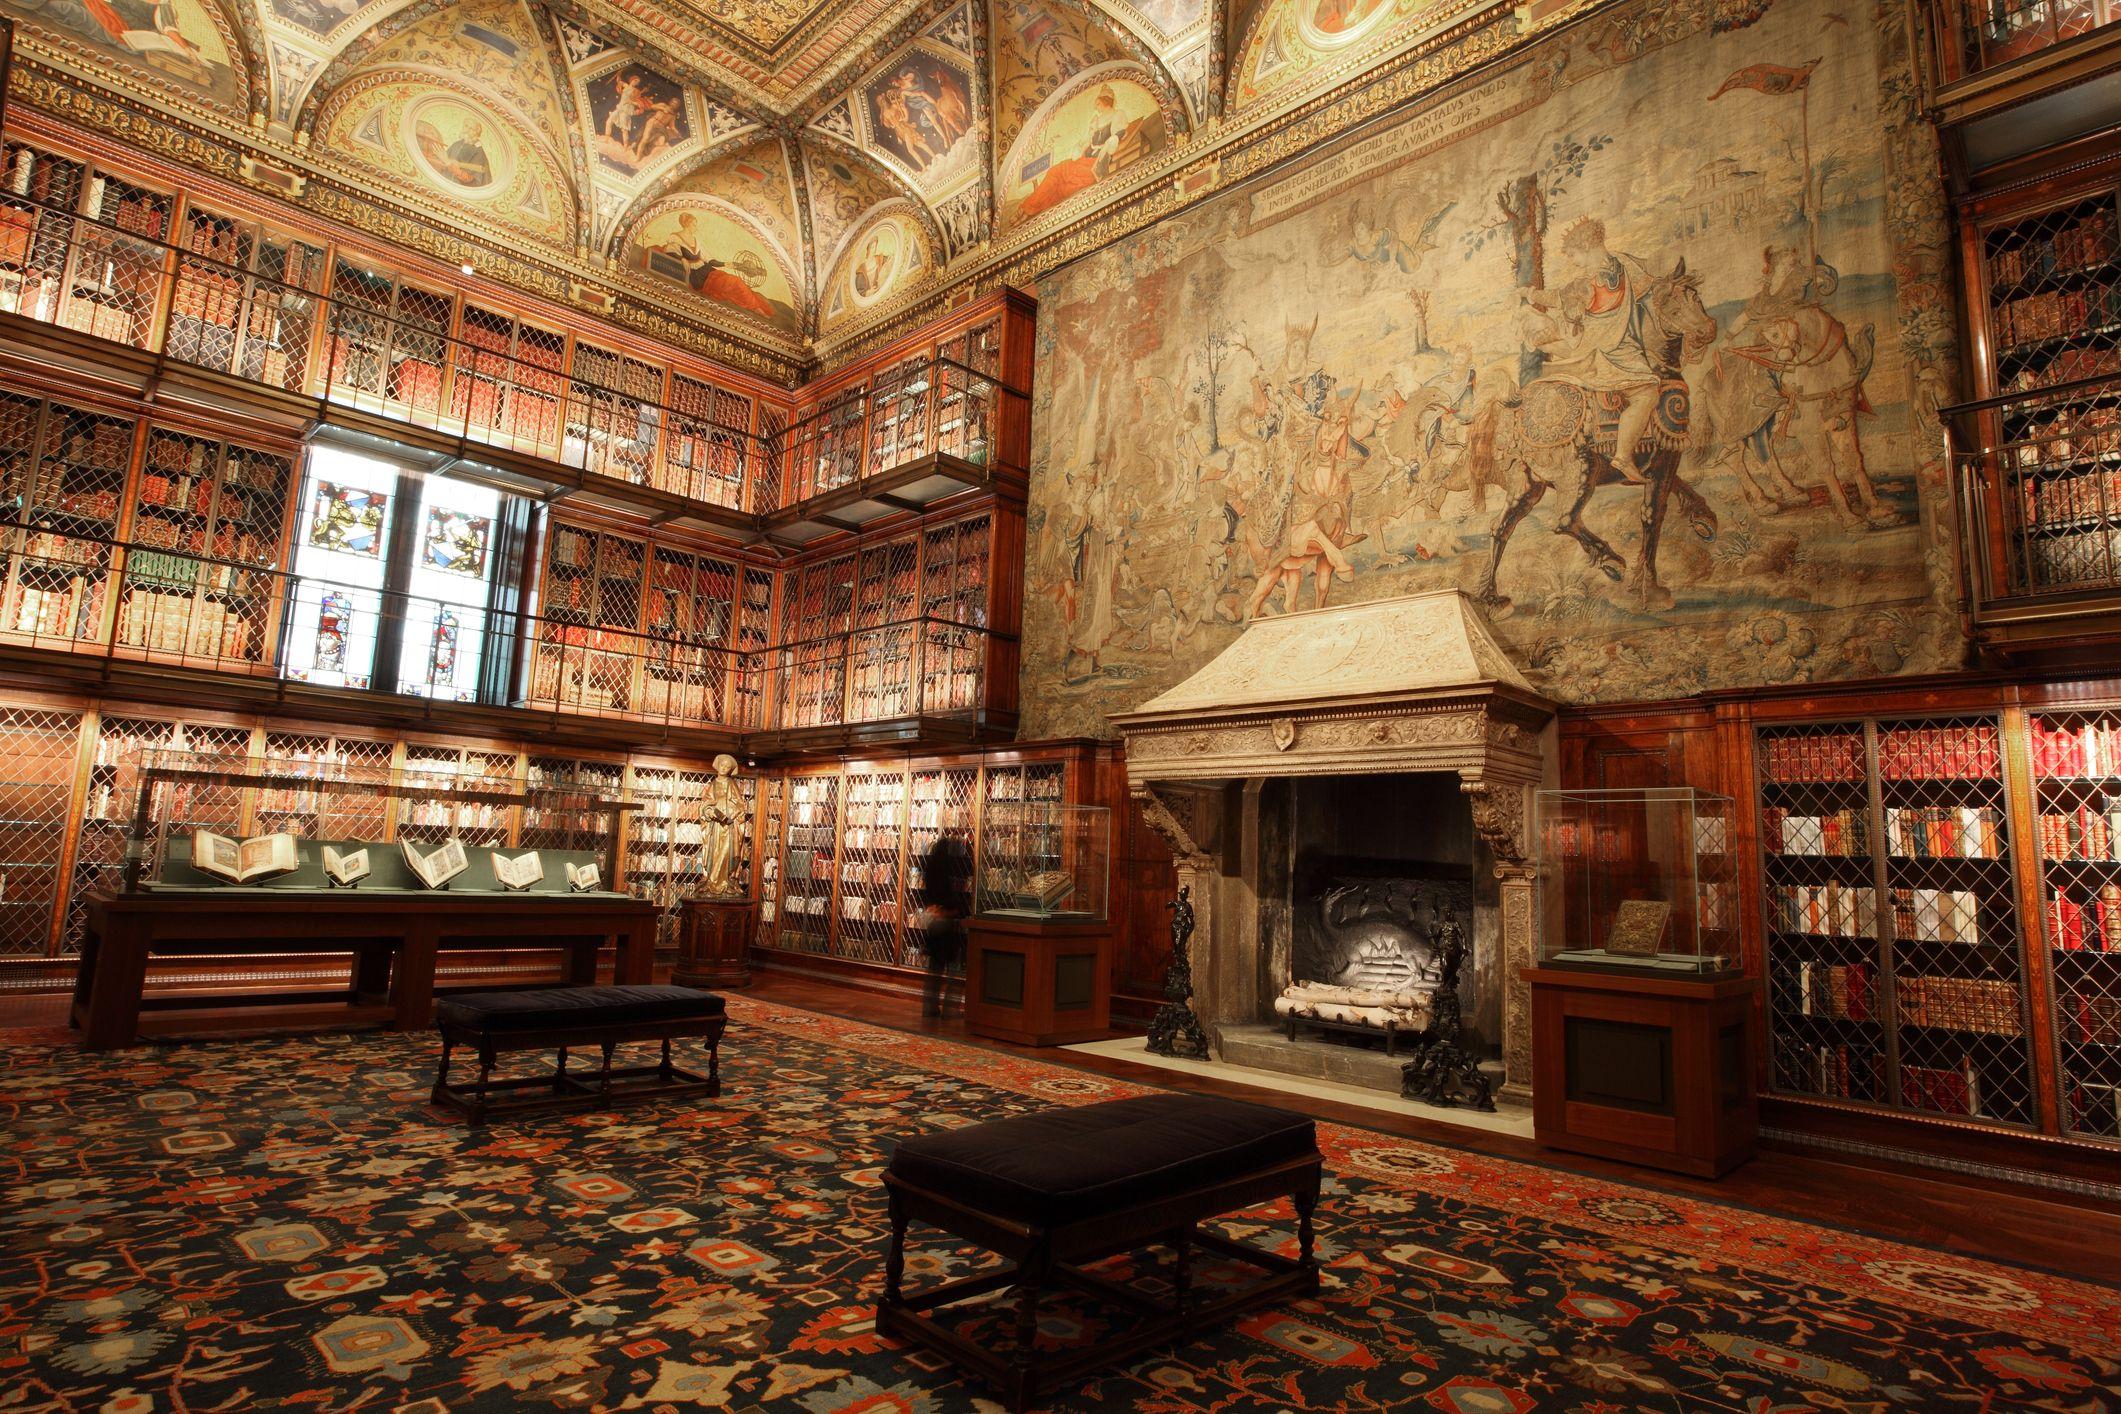 Morgan Library